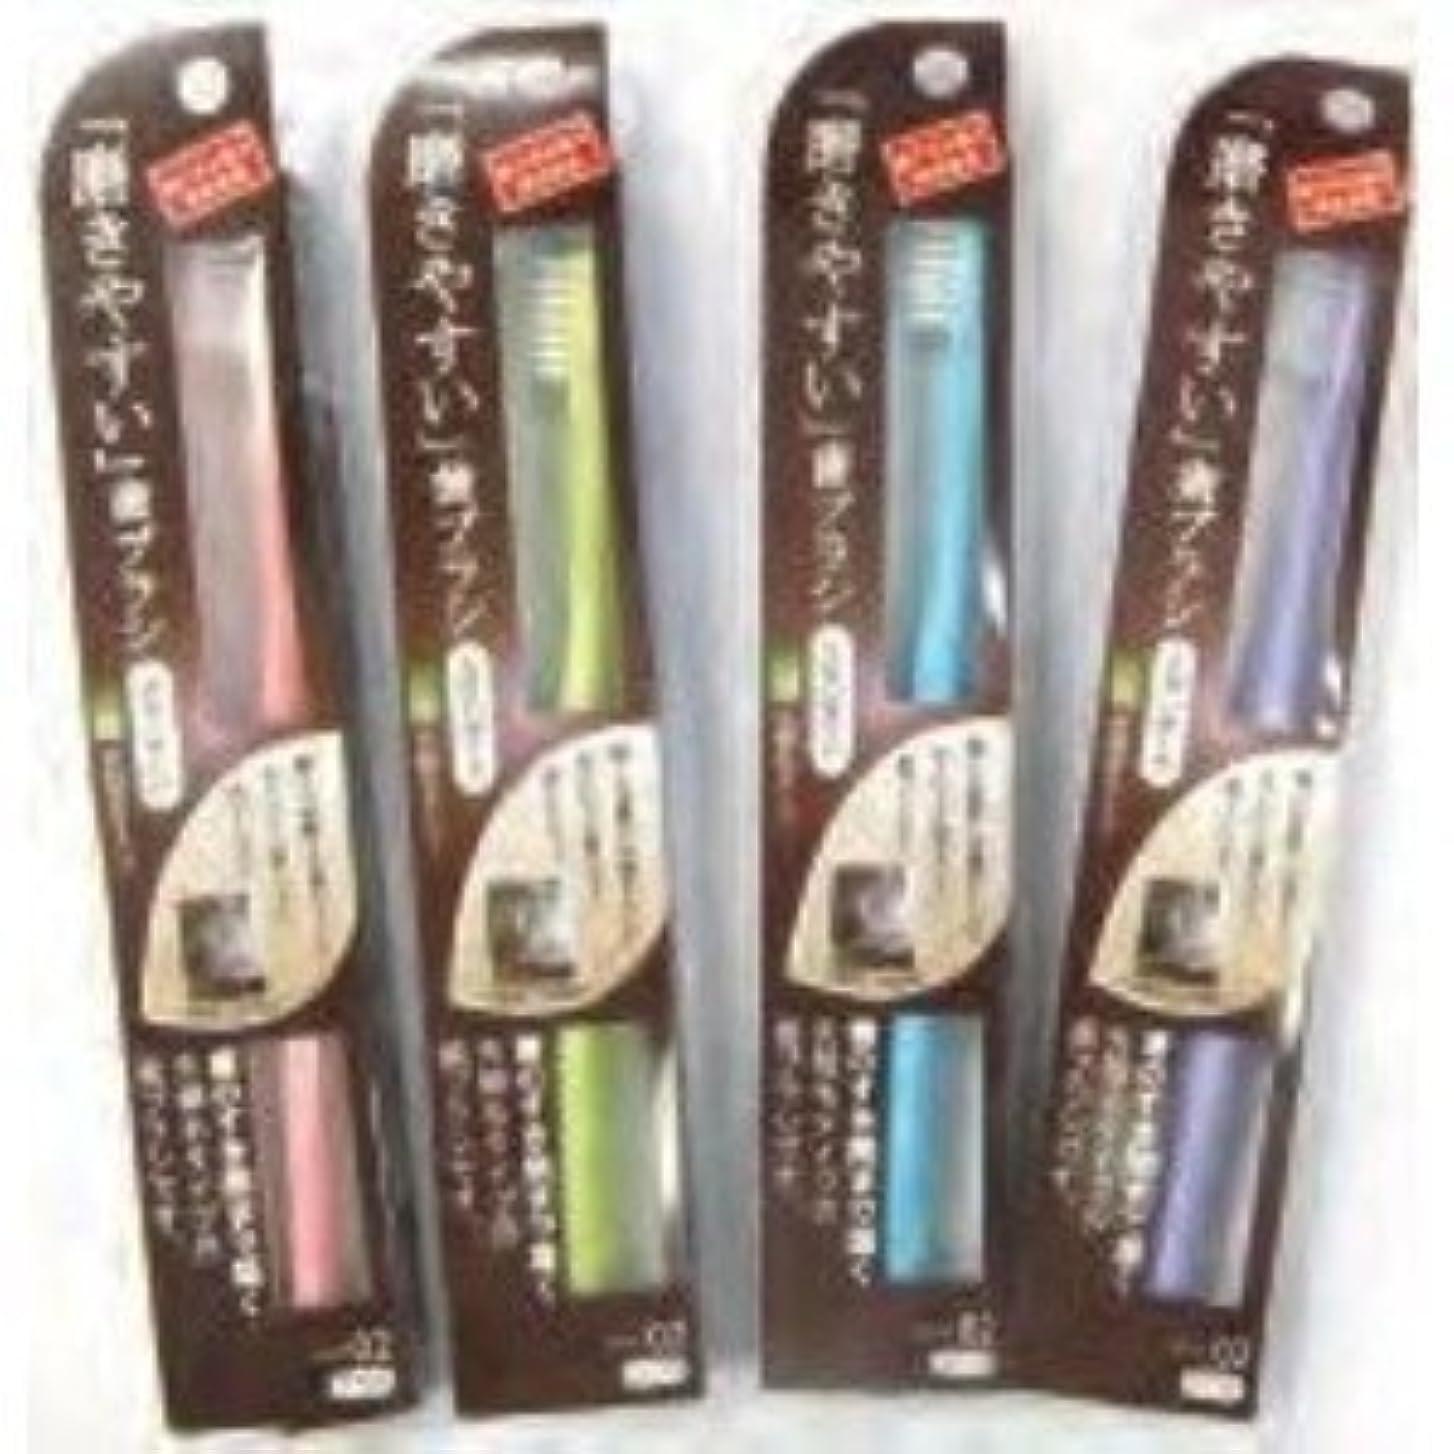 バッジ理由レスリング「磨きやすい」歯ブラシ(毛先が細い) 色アソート【12個セット】 LT-02